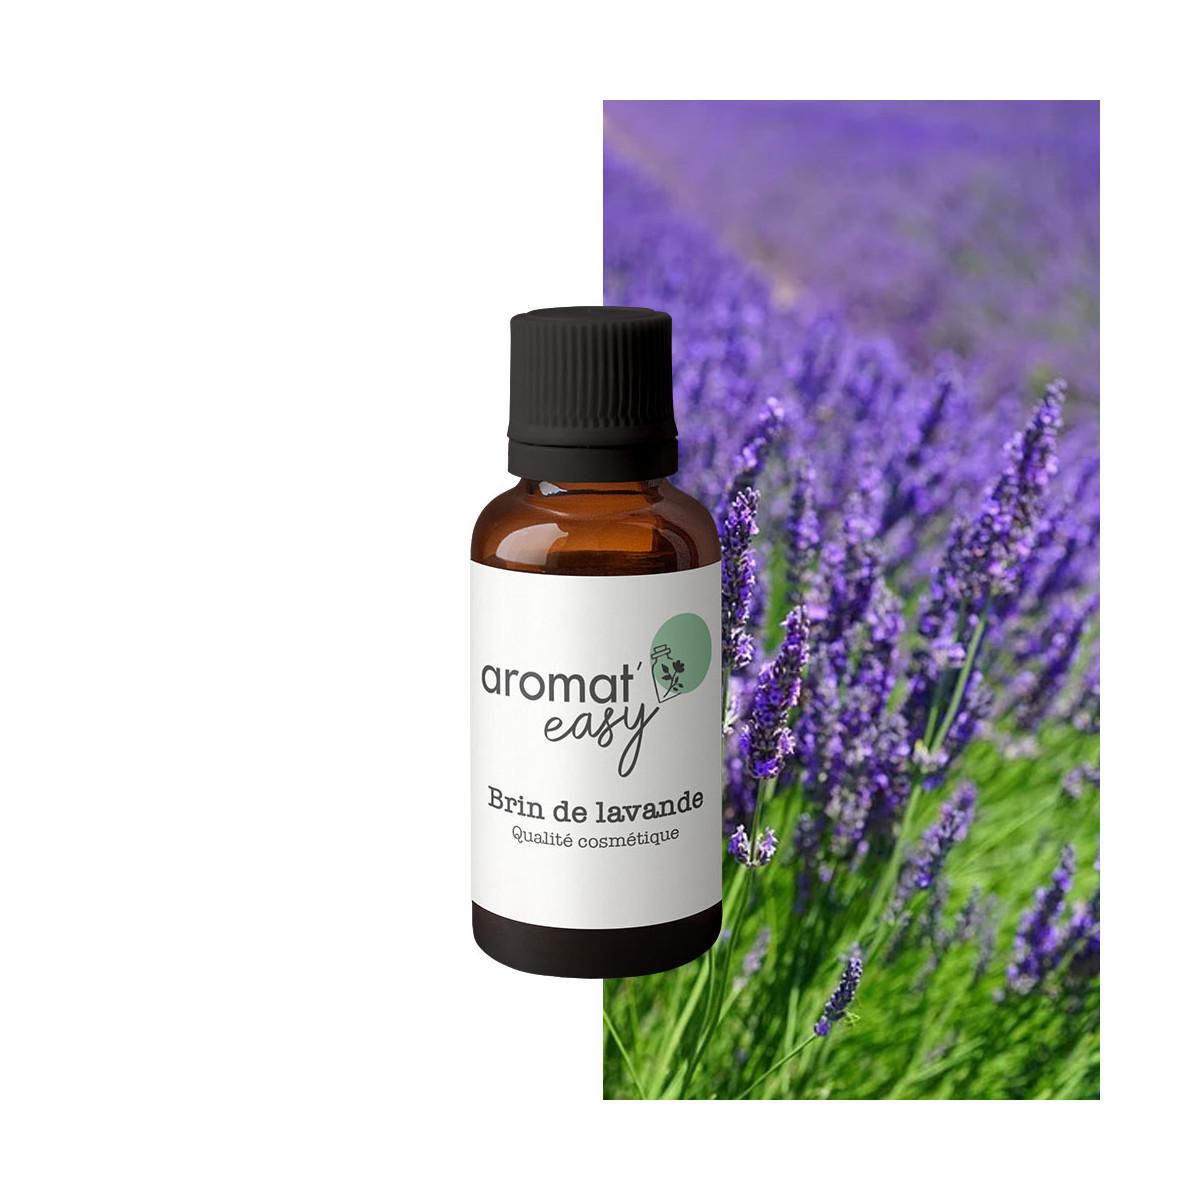 Fragrance Brin de lavande